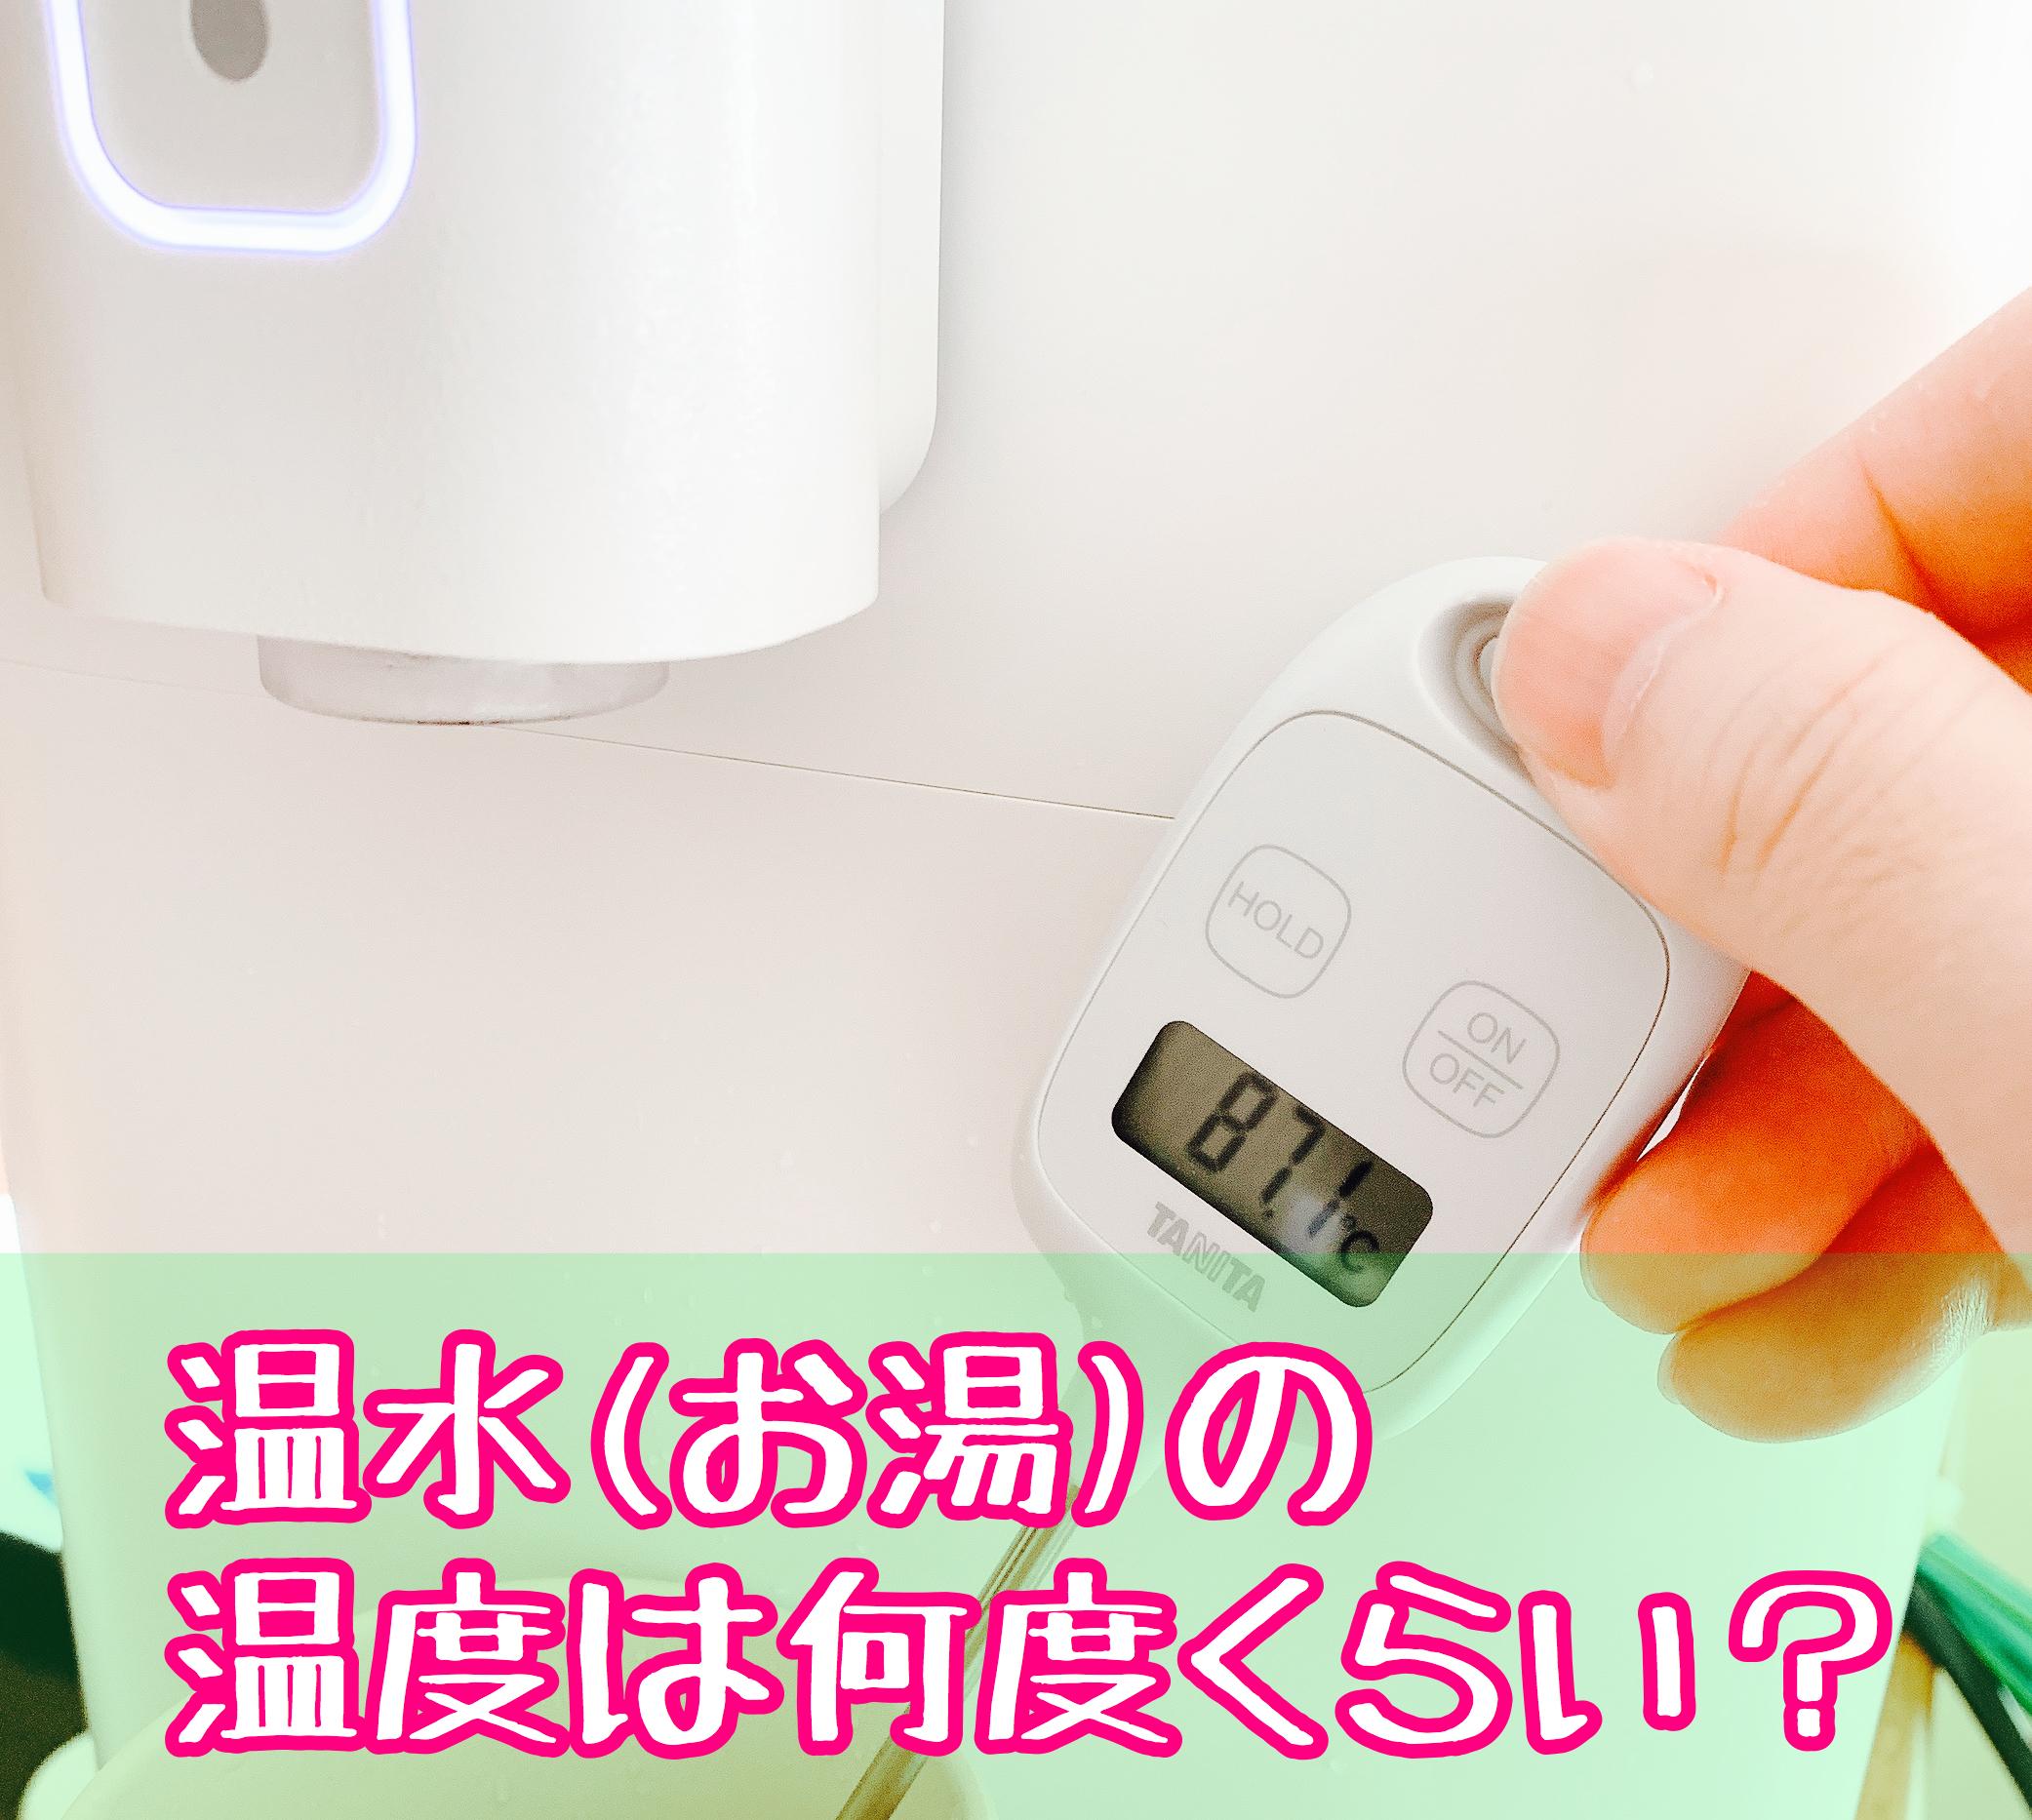 ウォータースタンドの温水(お湯)は何度?ぬるい?温度設定できる?目的別に使い分け出来るか検証!